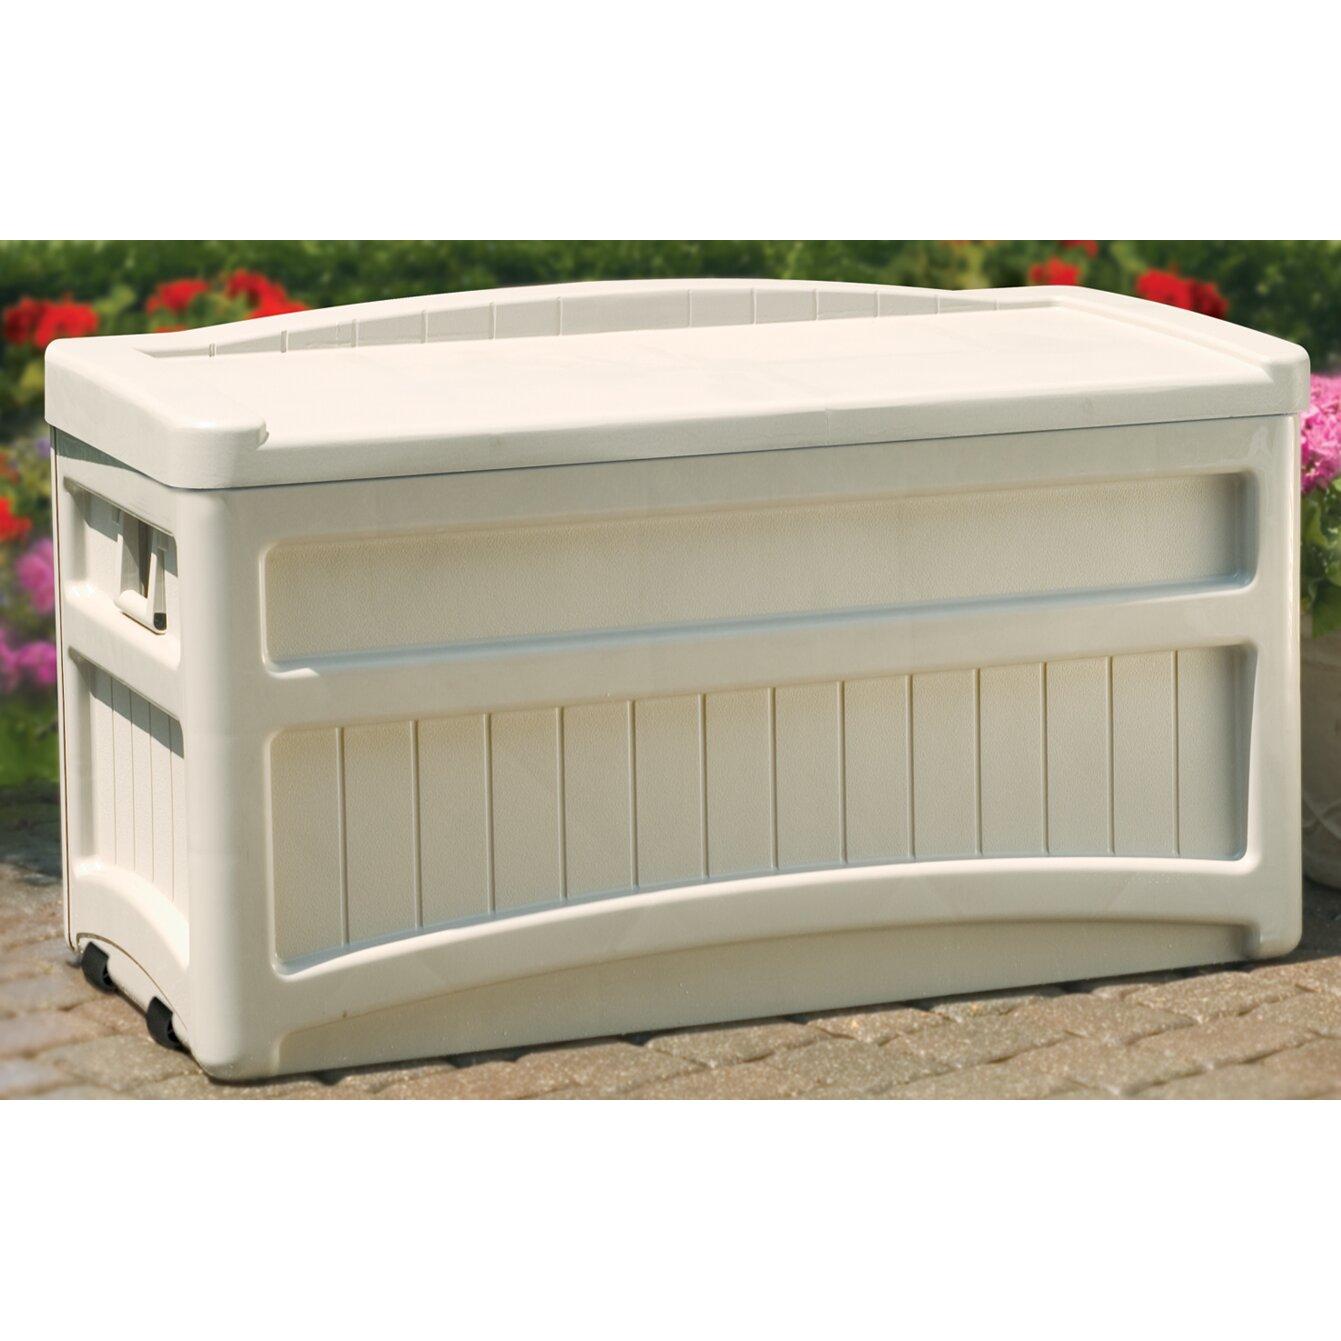 Suncast 276 Liters Plastic Storage Bench Reviews